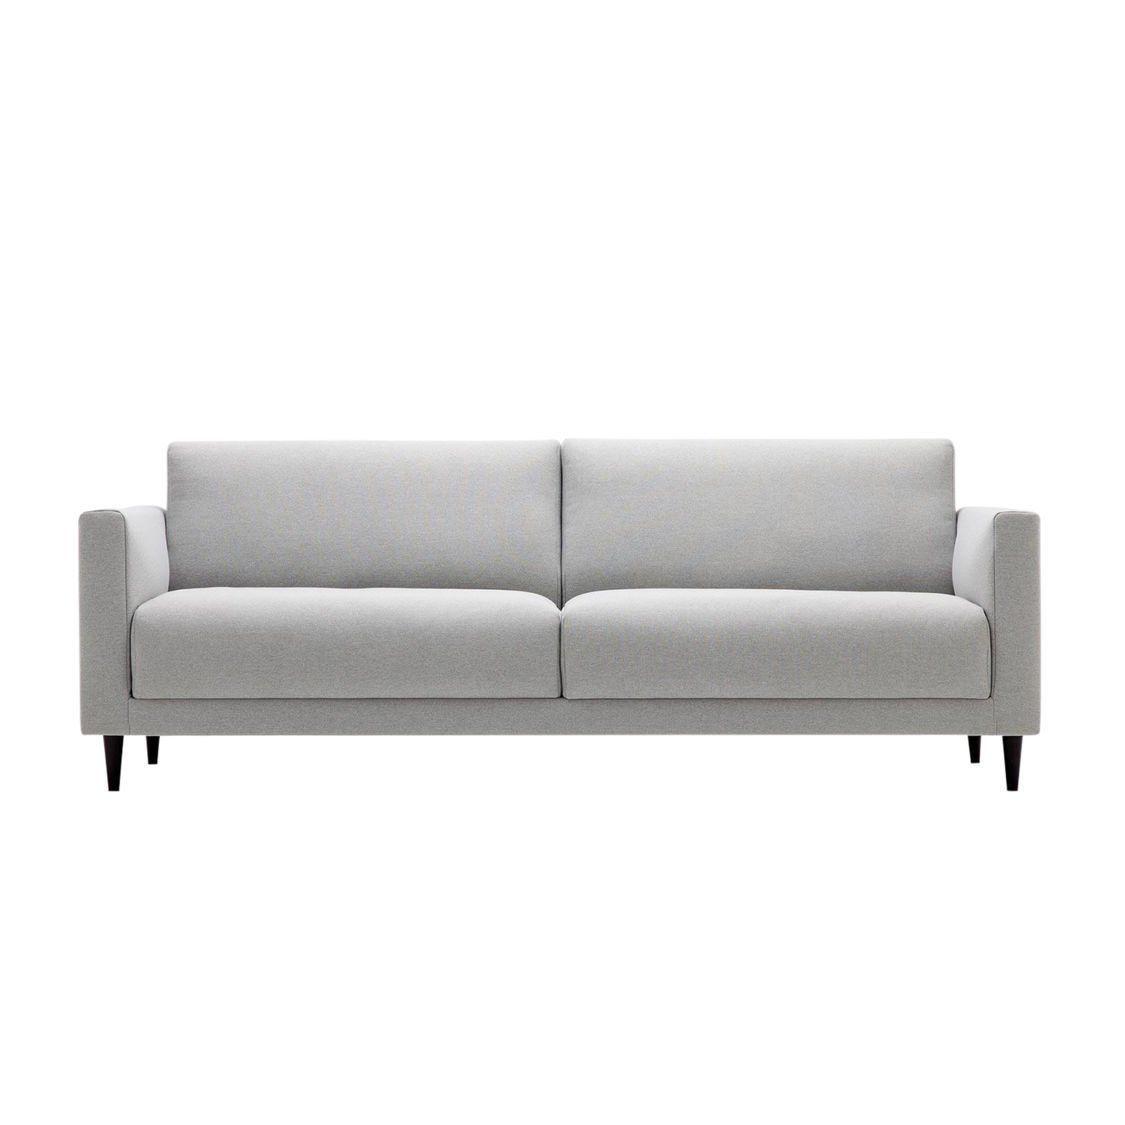 freistil 141 3 ziter sofa onderstel hout freistil rolf benz. Black Bedroom Furniture Sets. Home Design Ideas